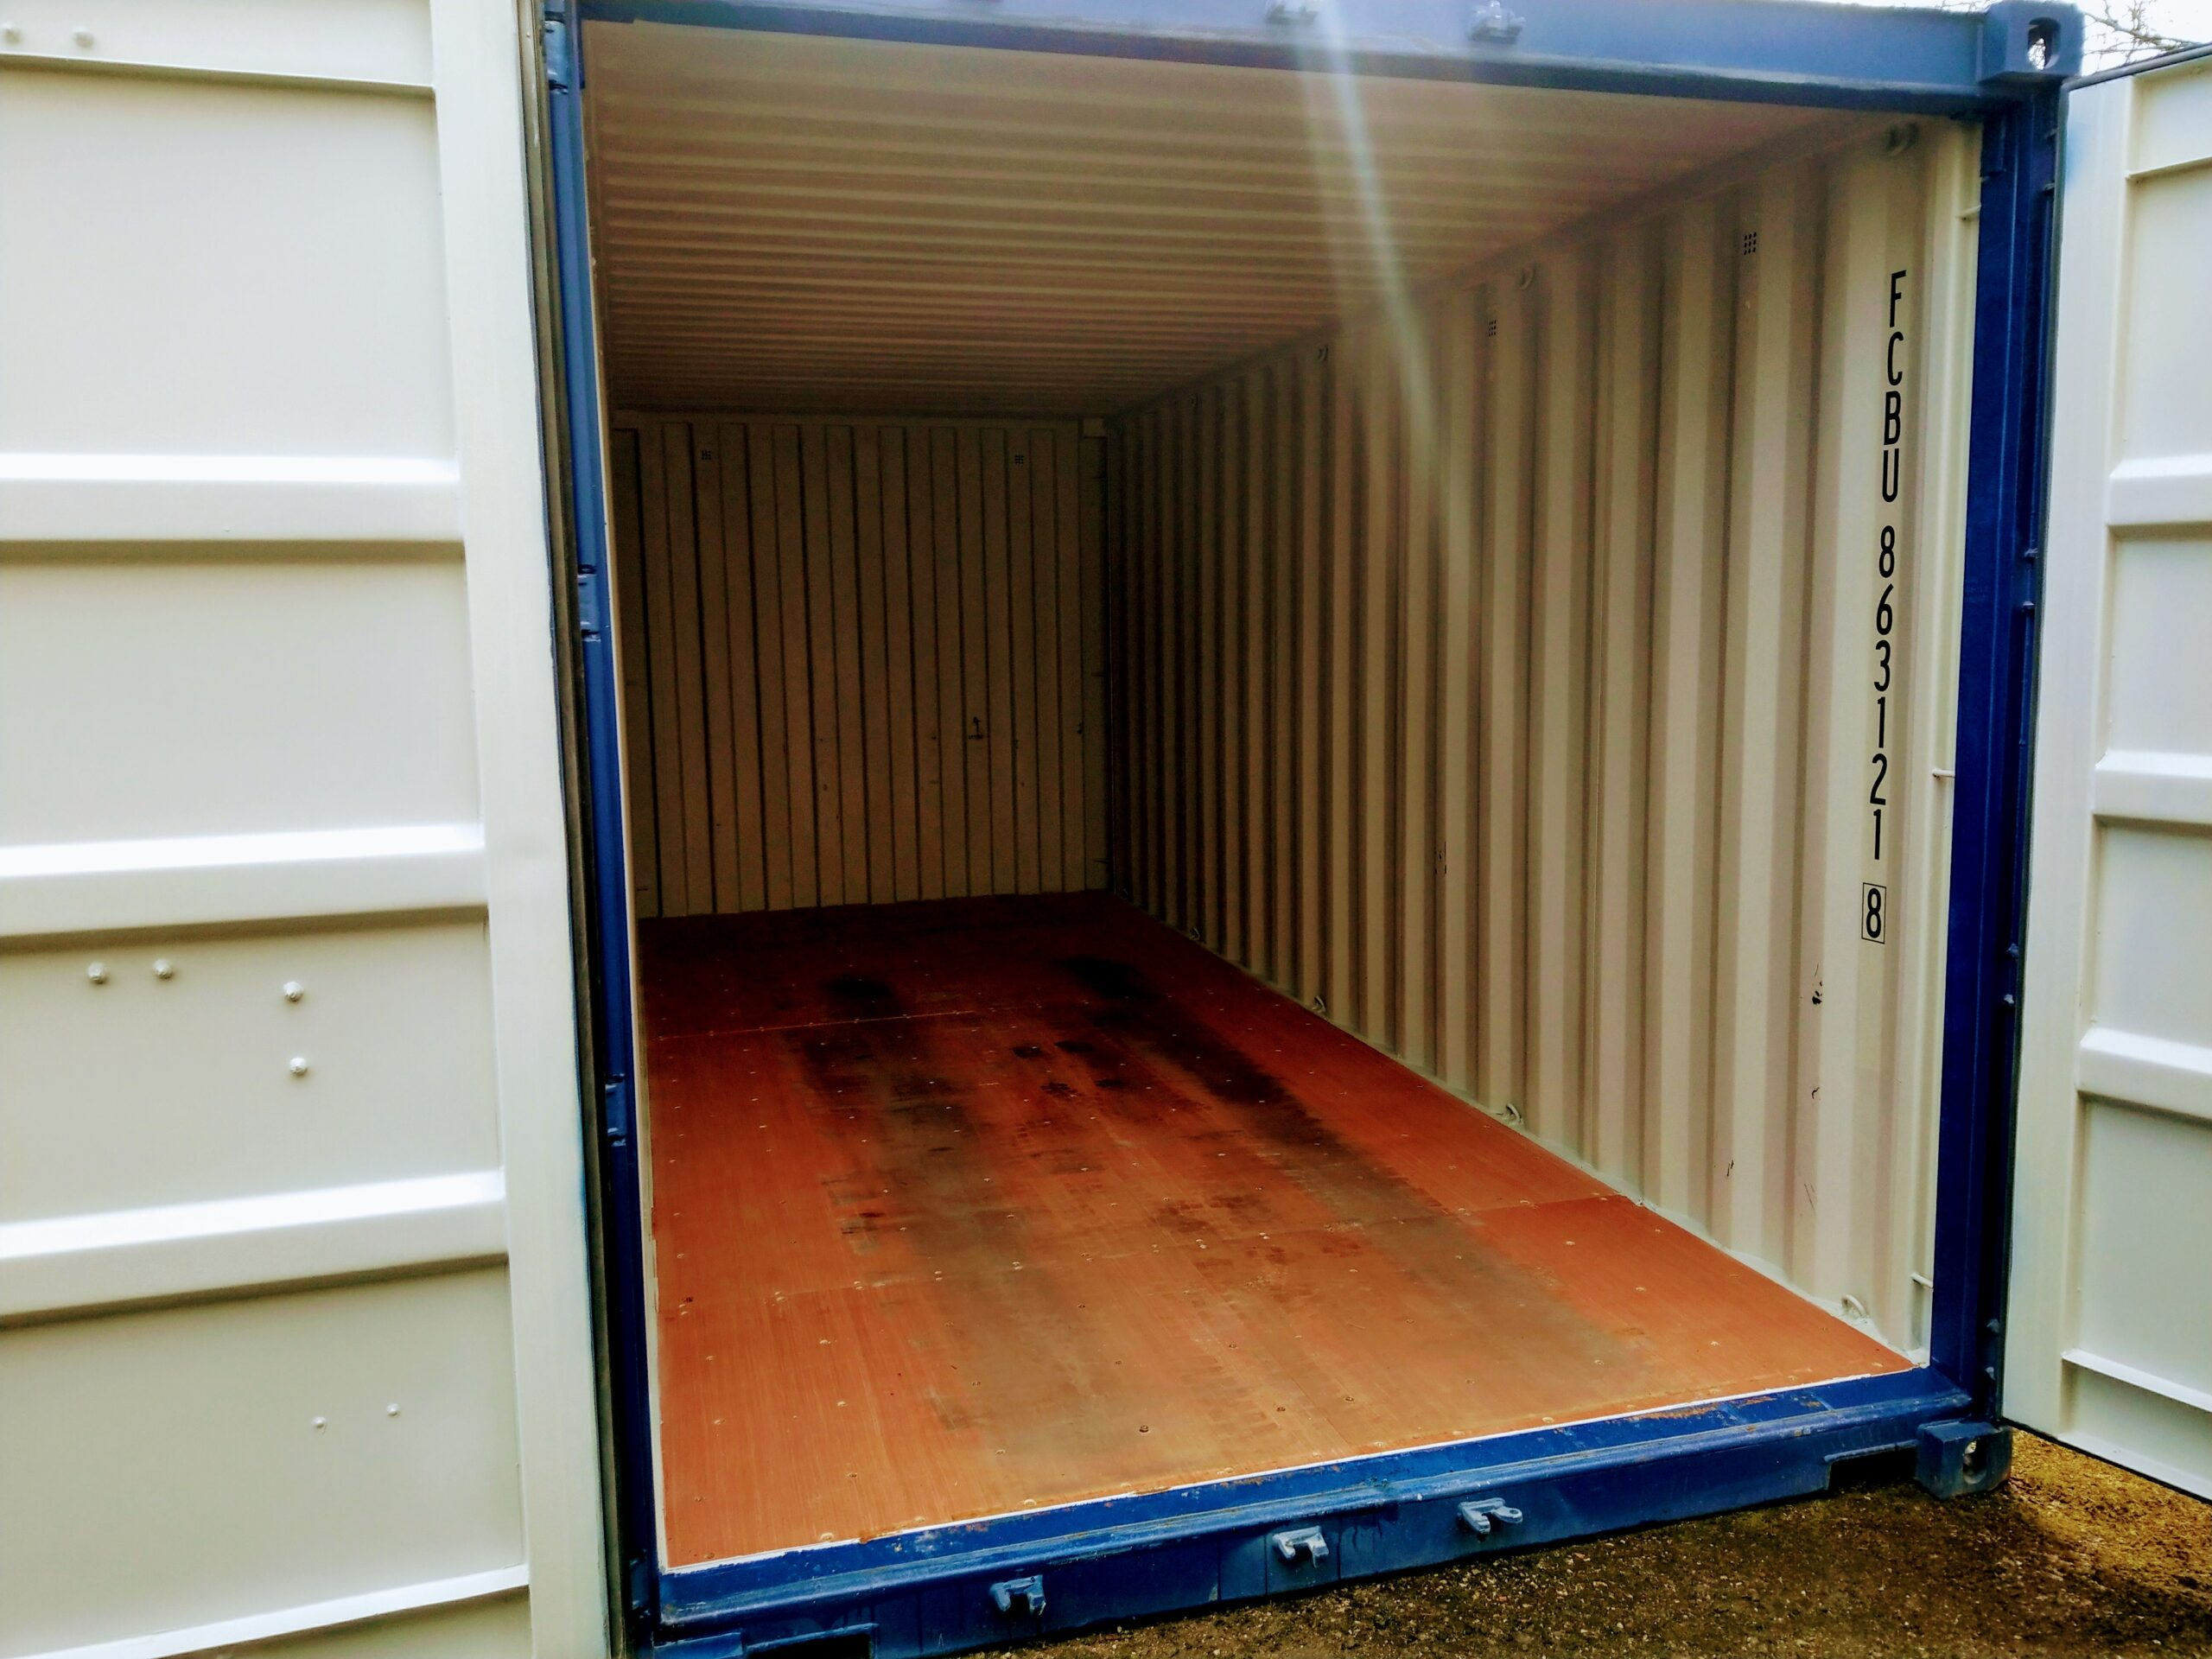 Uus konteinerladu NR 12